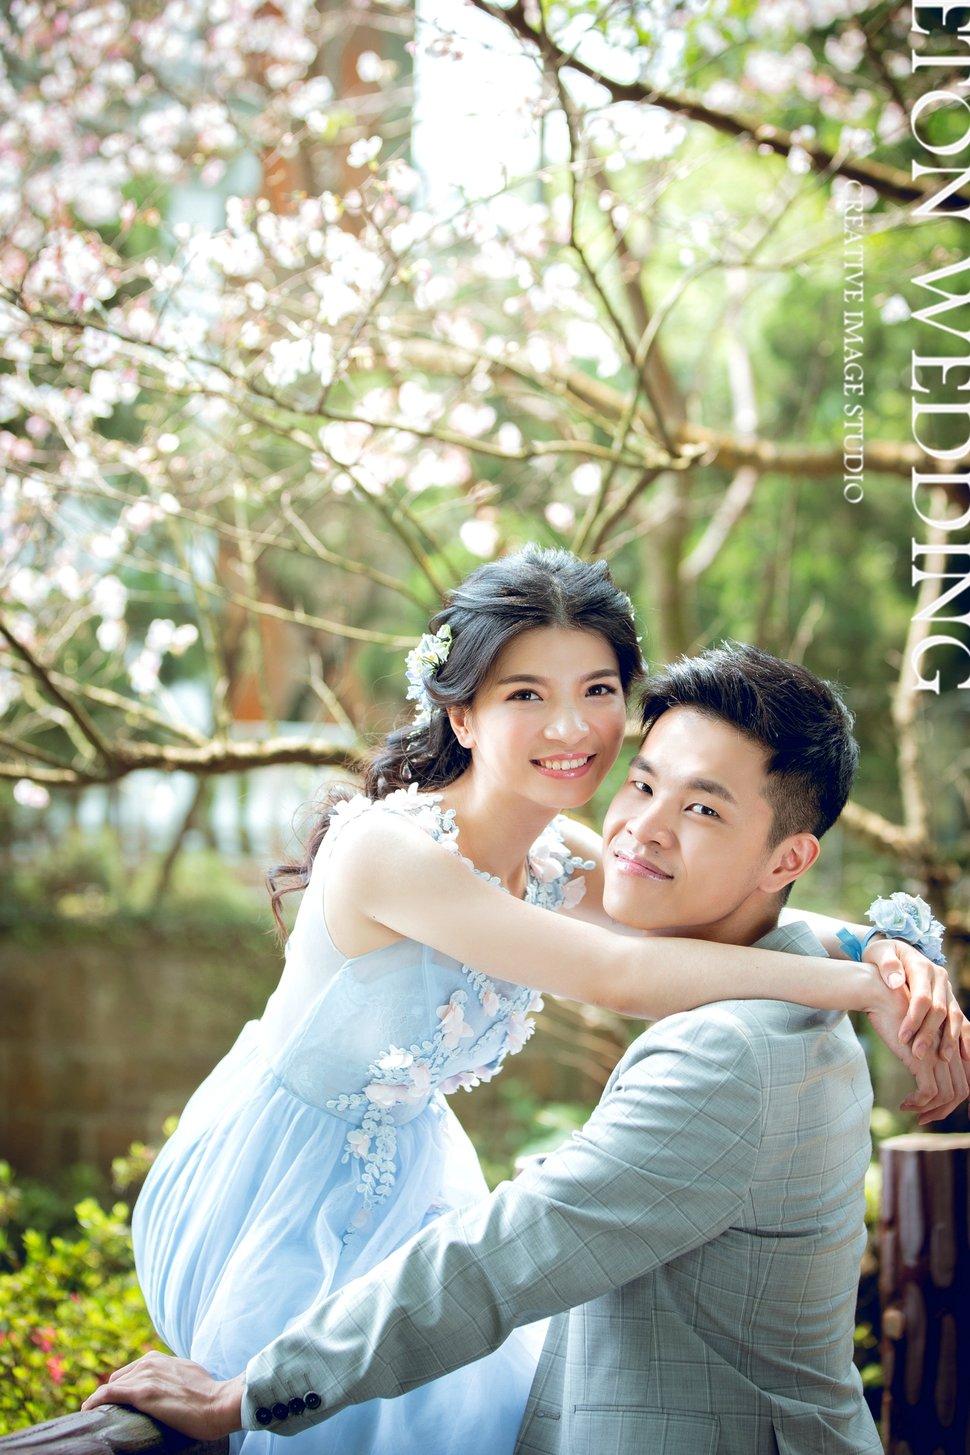 伊頓自助婚紗,台北婚紗 (8) - 伊頓自助婚紗 ▌台北高雄板橋桃園新竹台南《結婚吧》